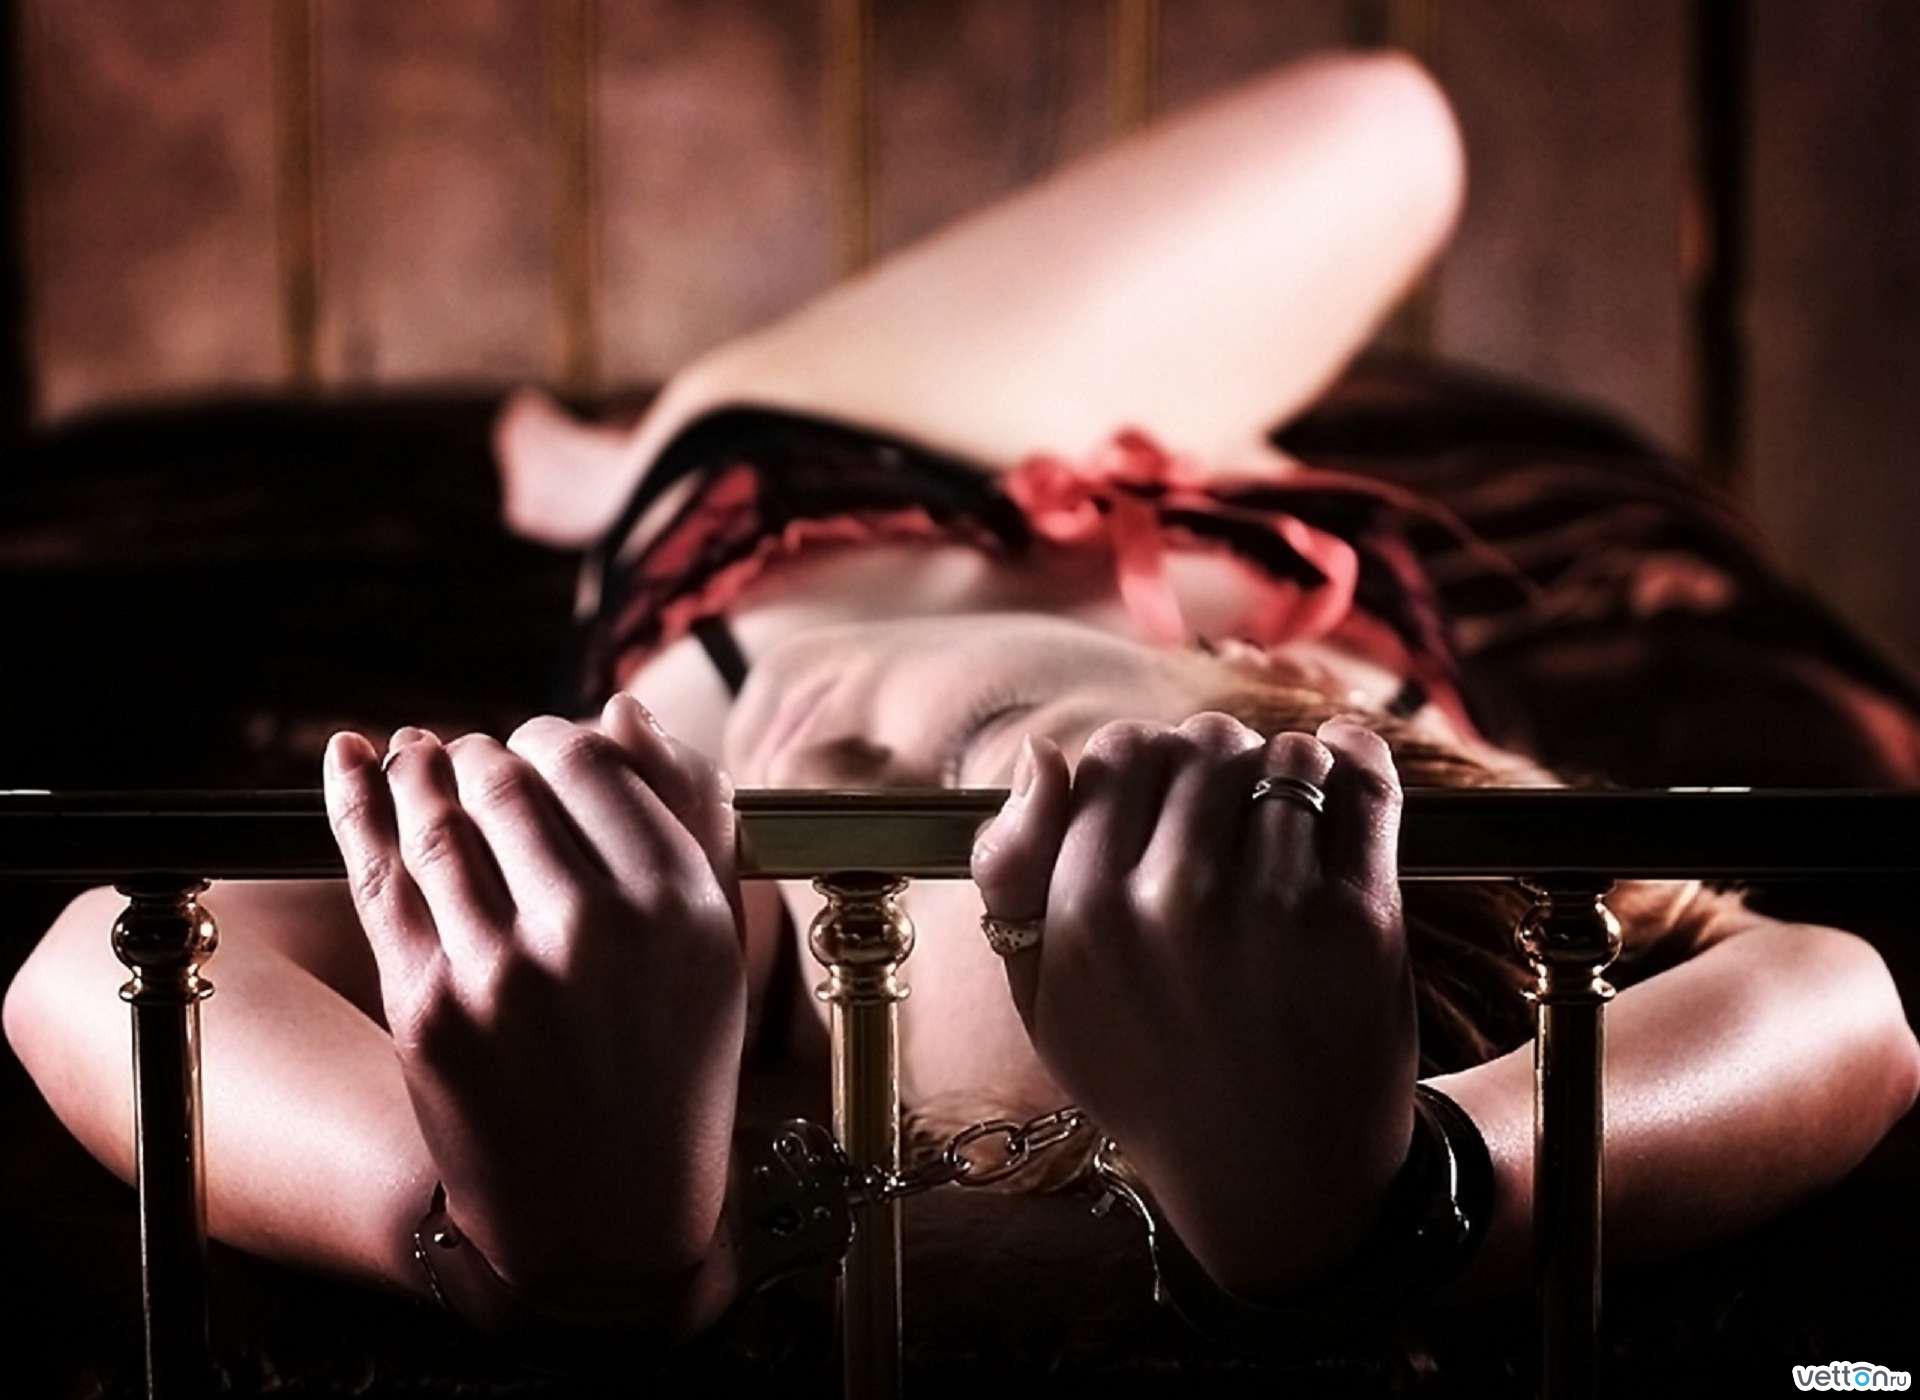 Секс на кровати прикована в цепях 12 фотография